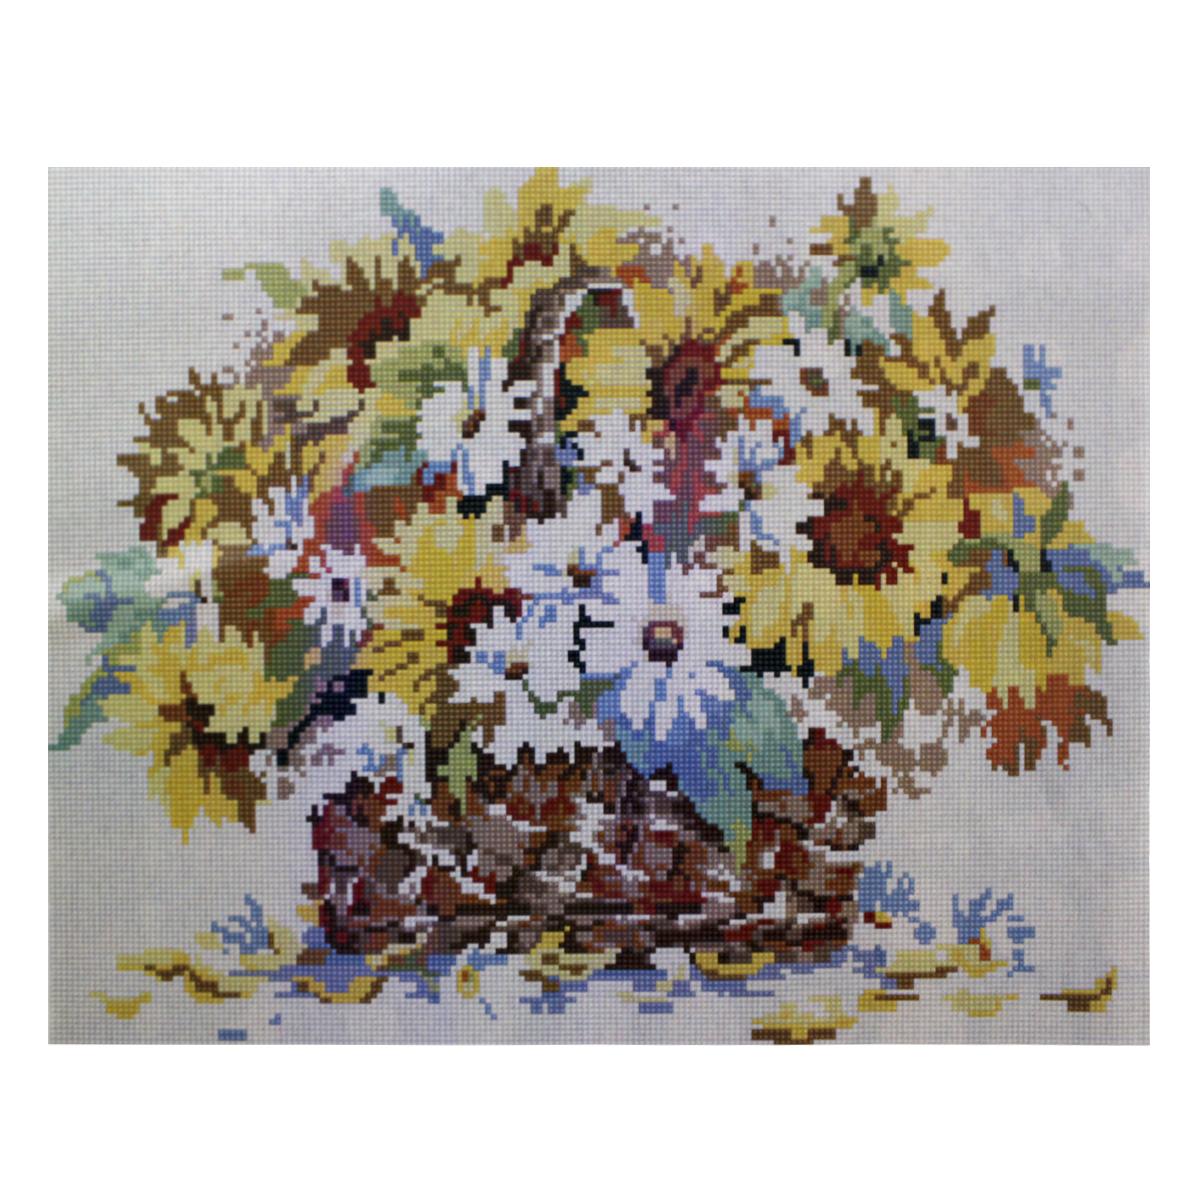 Алмазная мозаика Cristal, на деревянном подрамнике, 40 х 50 см. 77129817712981/GZ046Набор для творчества Cristal поможет вам создать свой личный шедевр - красивую картину, выполненную в мозаичной технике. Выложите прекрасную картину из множества маленьких цветных камушков. С помощью пинцета камушки размещаются на холсте, в результате проявляется рисунок. Постепенно заполняя ряд за рядом, вы создадите чудесное переливающееся изображение. Каждый камушек выполнен из прочного материала. Работа, выполненная своими руками, станет отличным подарком для друзей и близких! В набор входит: - Основа картины с нанесенной схемой на деревянной раме; - Ключи к схеме; - Комплект искусственных камней (20 цветов); - Желеобразный клей; - Пинцет; - Прозрачный клей; - Пластиковая ручка; - Пластмассовый лоток для камней; - Металлические крепления для готовой работы. Диаметр камушка: 2,5 мм. Размер готового изделия: 40 х 50 см.